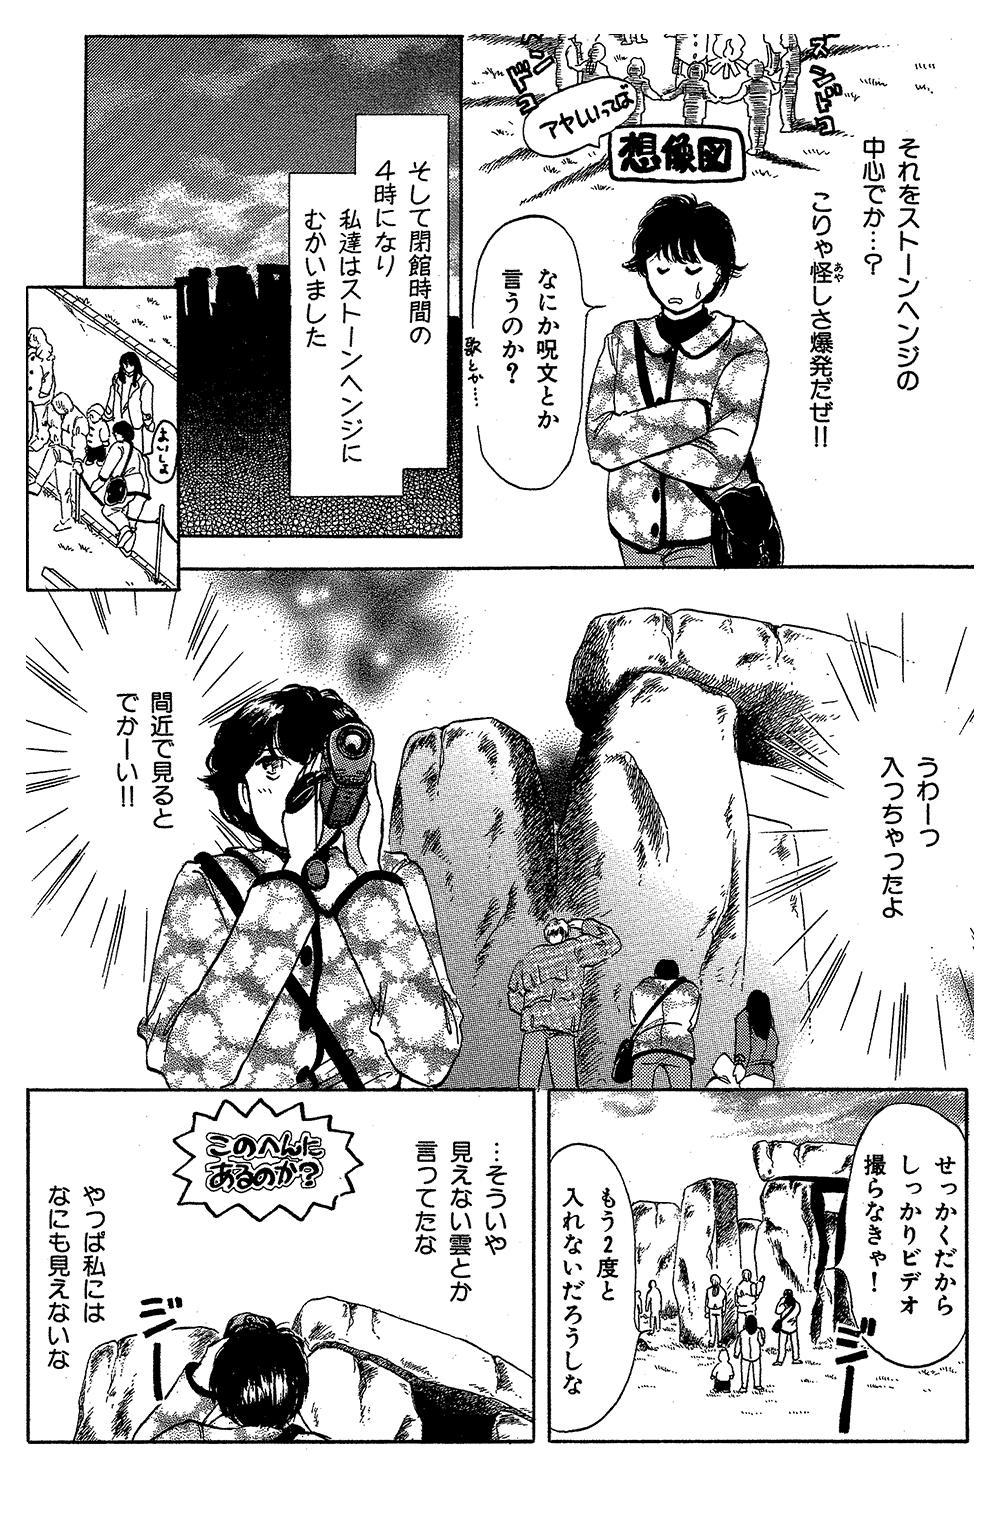 霊感ママシリーズ 第3話「英国ミステリーツアー」③reikanmama-02-88.jpg